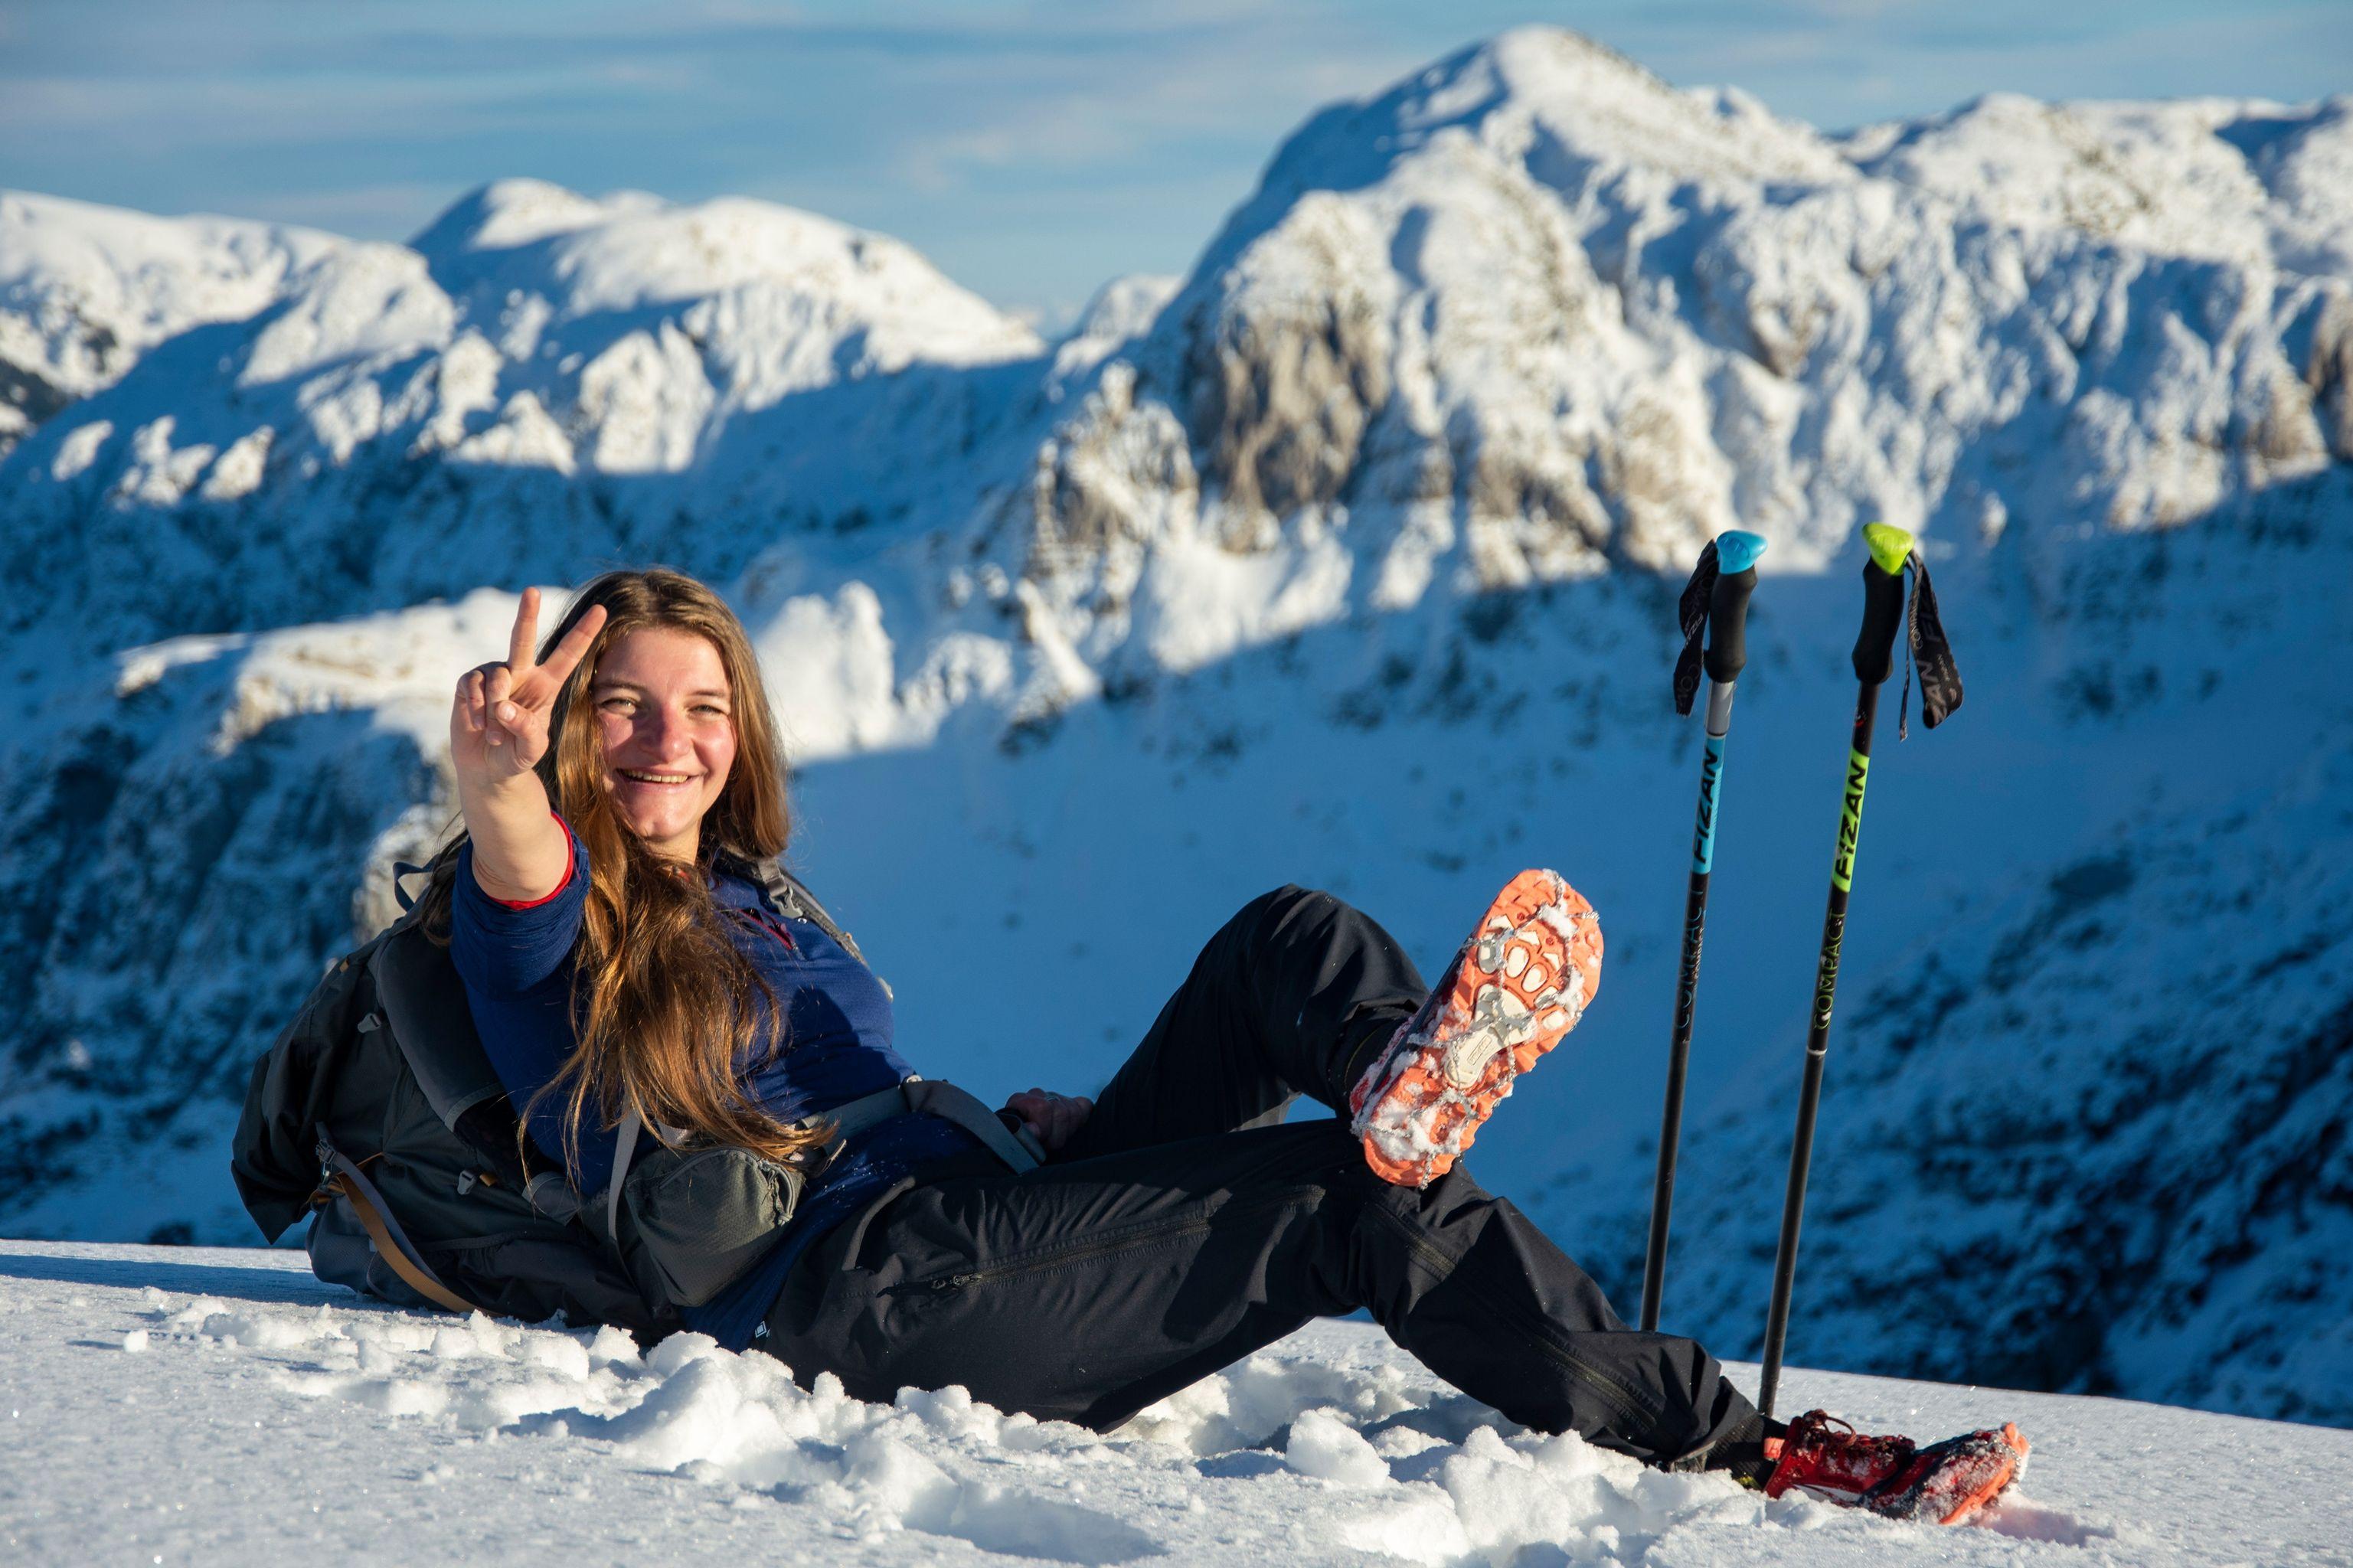 <b>Viktorka Hlaváčková: Pěší putování, hory a nekonečno</b>